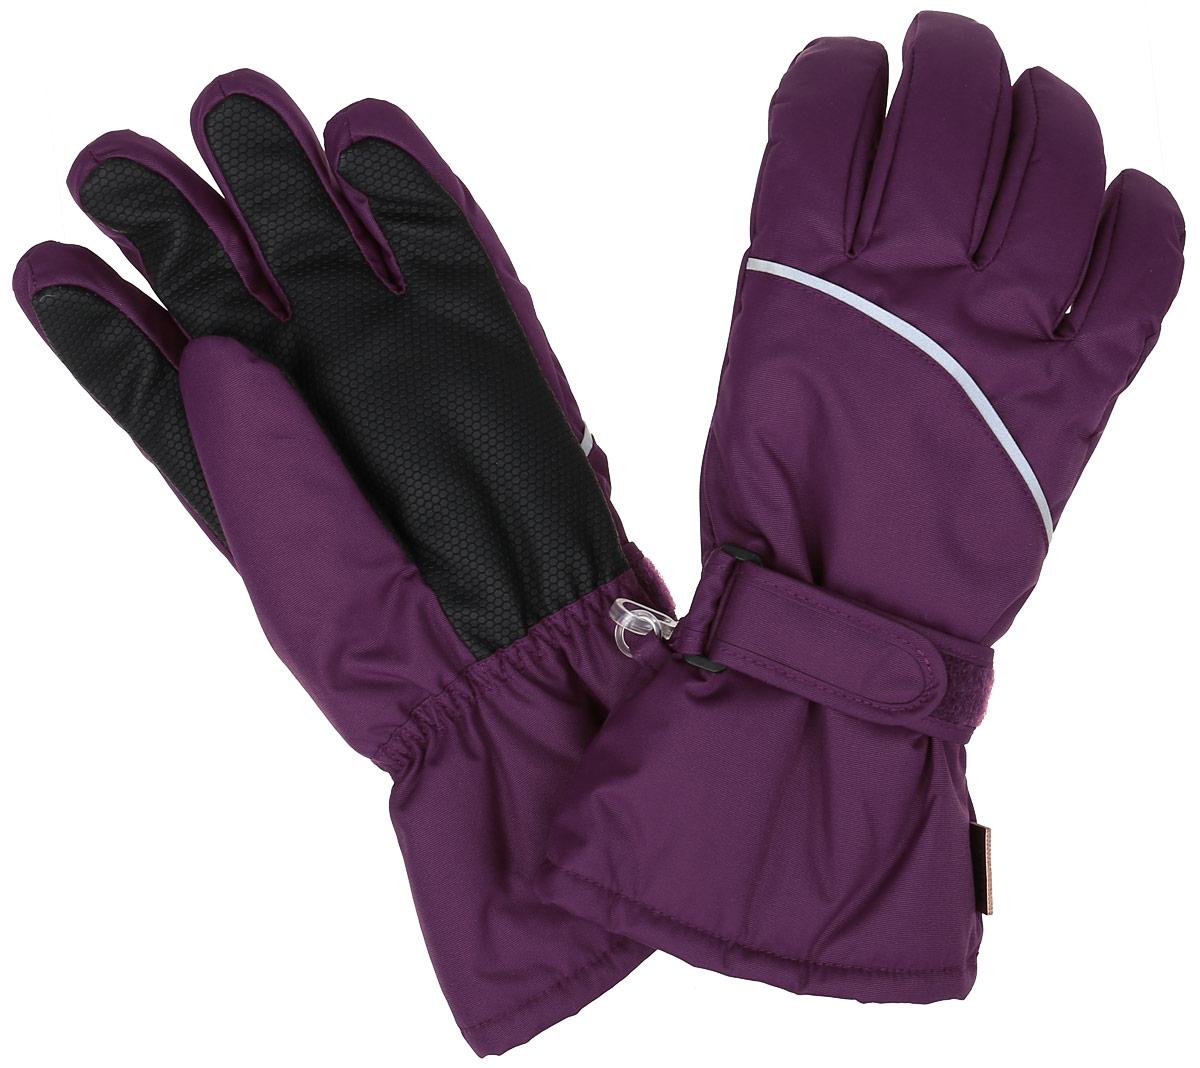 Перчатки детские. 527257527257-4900Детские перчатки Reimatec, изготовленные из мембранной ткани с водо- и ветрозащитным покрытием, станут идеальным вариантом для холодной зимней погоды. На подкладке используется мягкий полиэстер с добавлением шерсти, который хорошо удерживает тепло. Для большего удобства на запястьях перчатки дополнены хлястиками на липучках с внешней стороны, а на ладошках, кончиках пальцев и с внутренней стороны большого пальца - усиленными вставками Hipora. Манжеты по краю регулируются эластичными кулисками со стопперами. С внешней стороны перчатки оформлены светоотражающими нашивками. Идеально при температурах от 0°С до -20°С. Перчатки станут идеальным вариантом для прохладной погоды, в них ребенку будет тепло и комфортно.